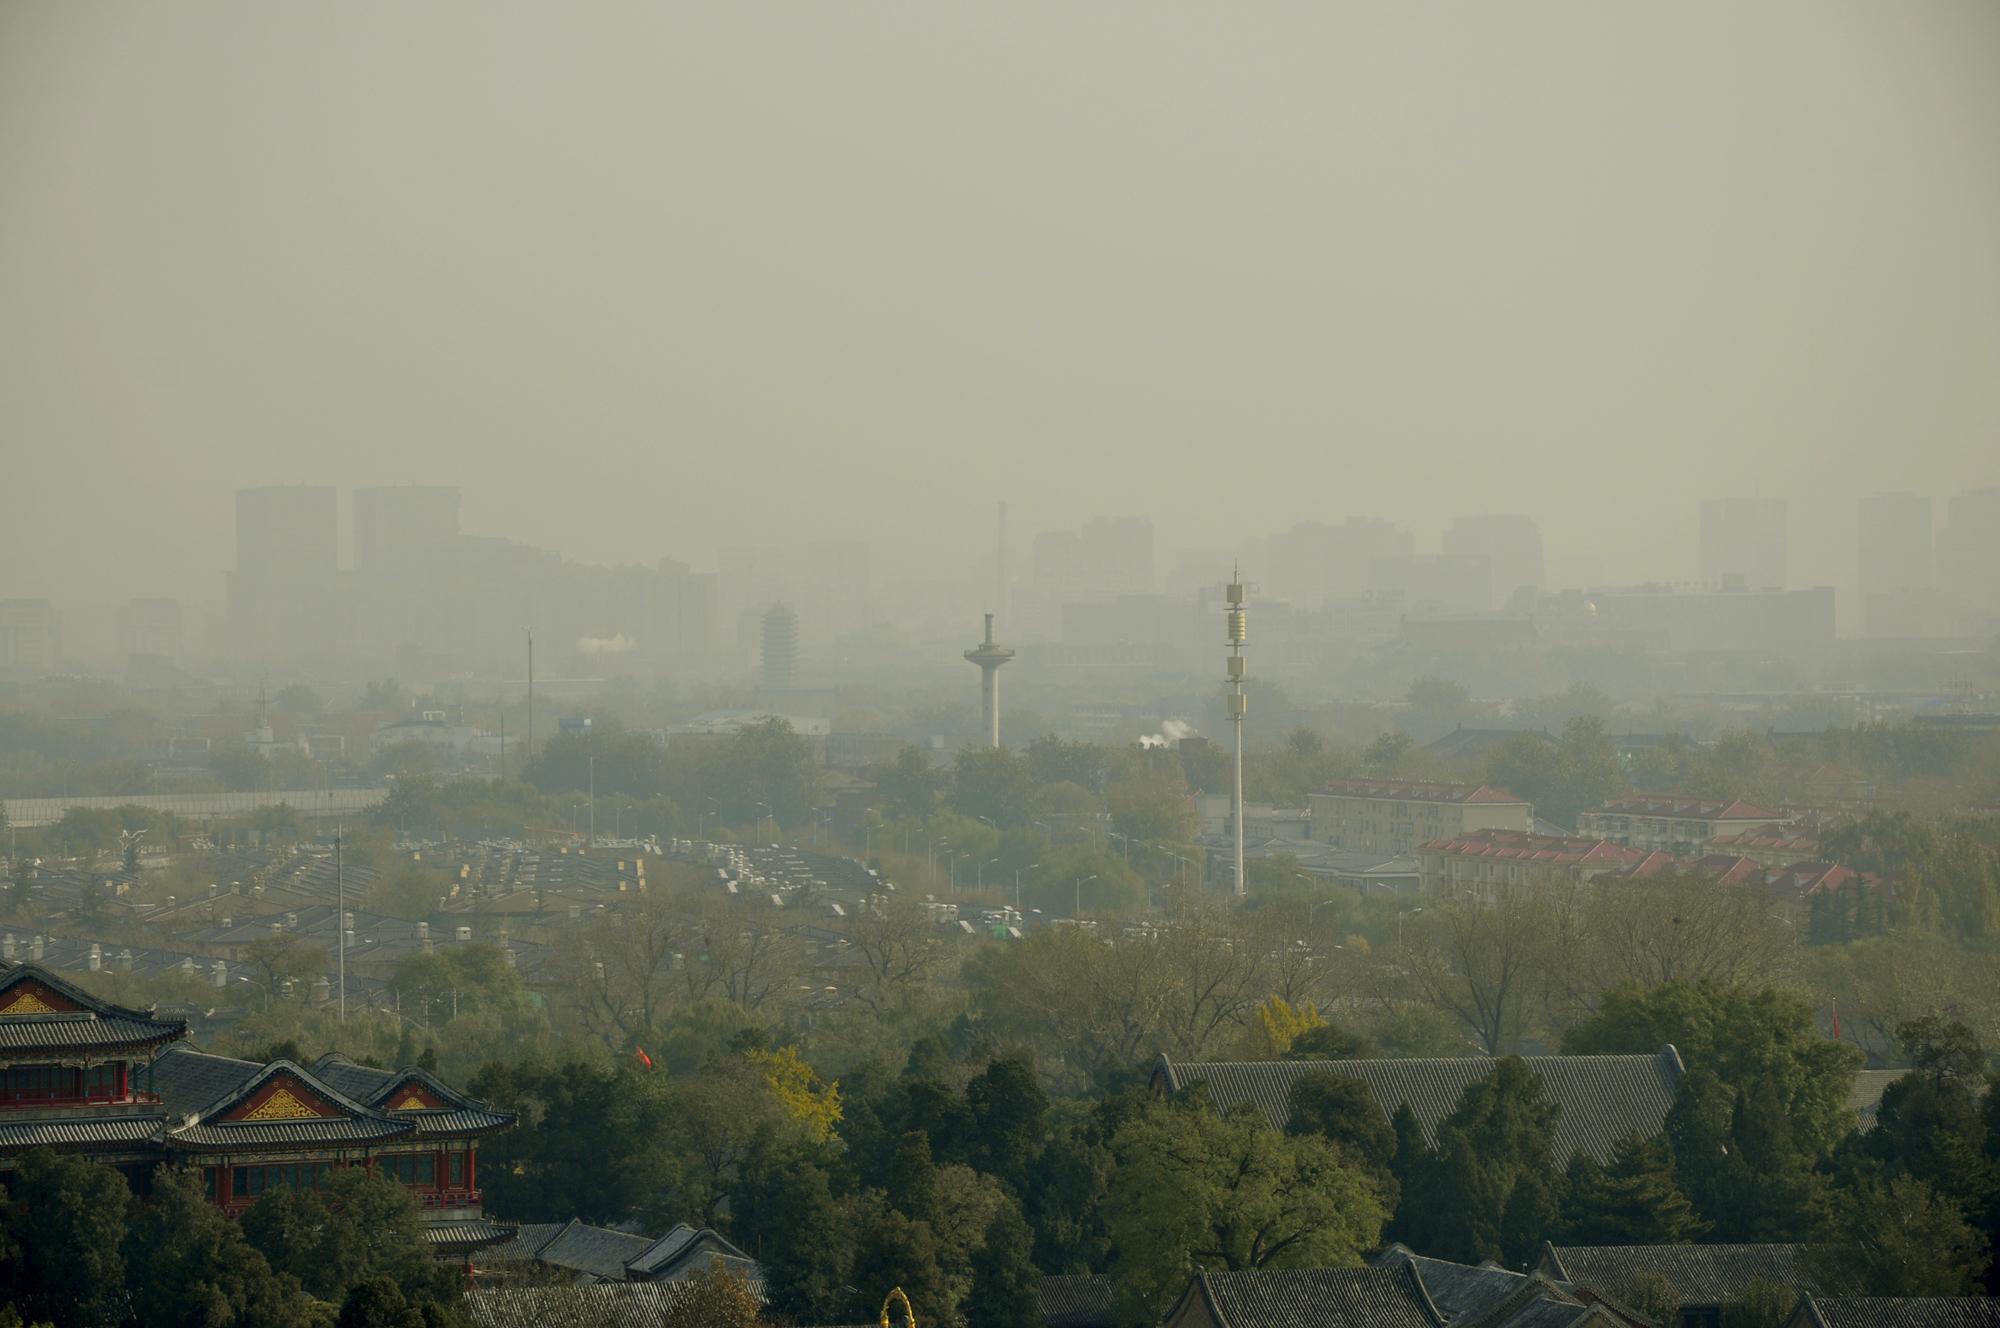 El 30% de los ictus que se producen cada año se atribuyen a la contaminación del aire